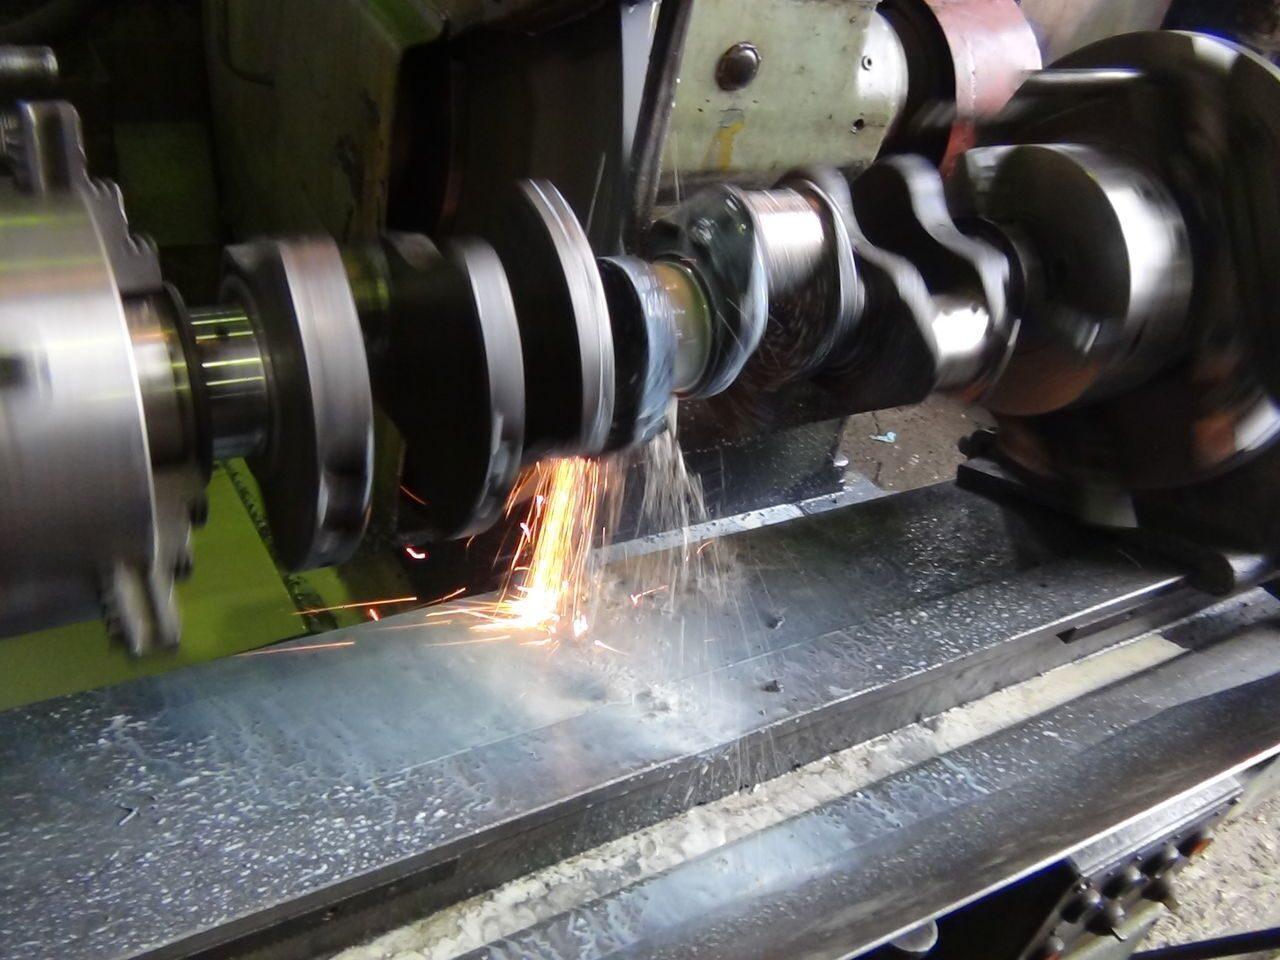 Шлифовка коленчатых валов (коленвалов) двигателей тракторов МТЗ, Москва ООО Ремэкс